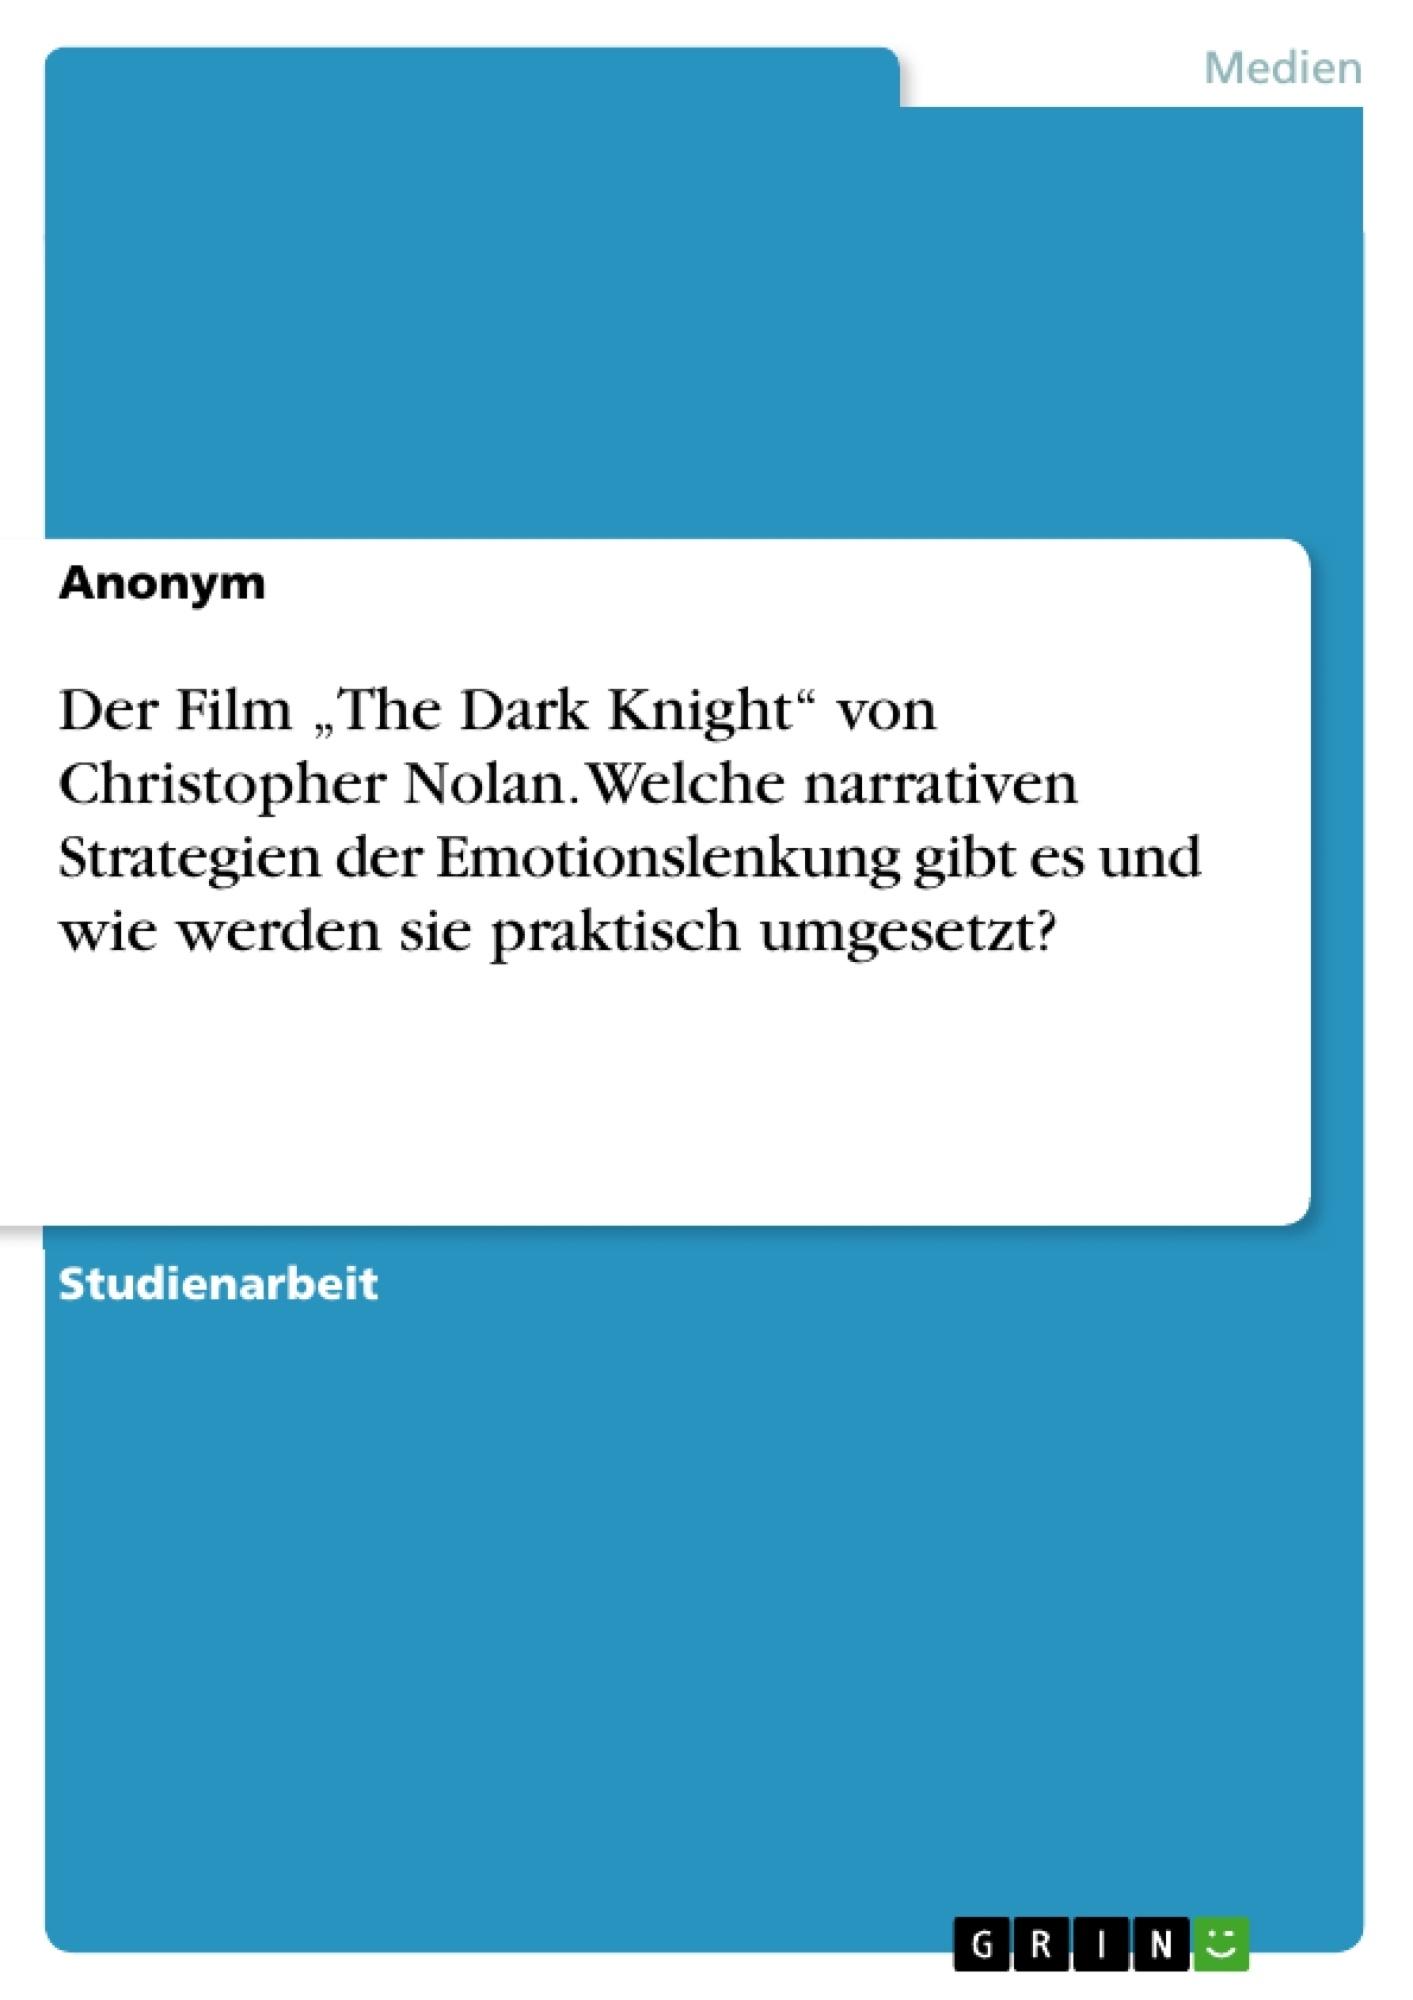 """Titel: Der Film """"The Dark Knight"""" von Christopher Nolan. Welche narrativen Strategien der Emotionslenkung gibt es und wie werden sie praktisch umgesetzt?"""